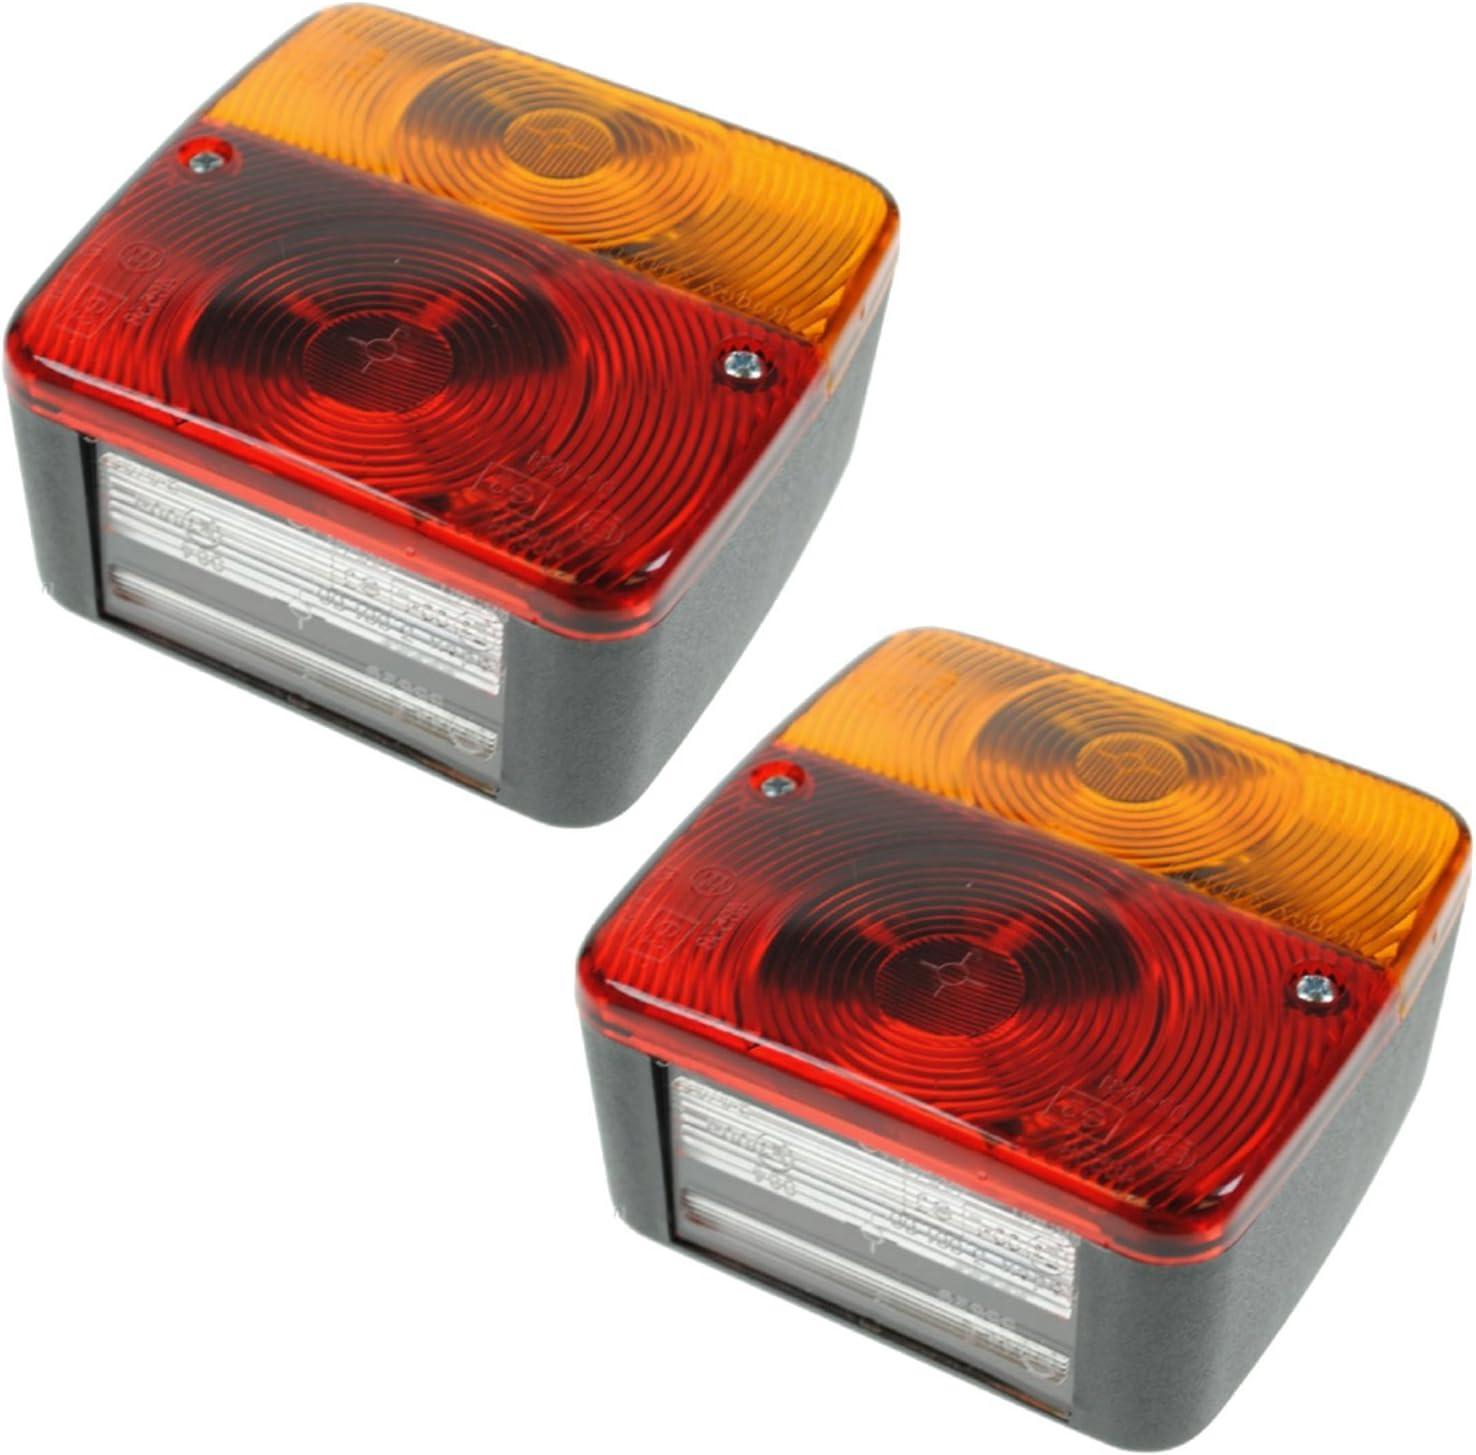 Quadratische Rücklichter Für Anhänger Oder Wohnwagen 4 Funktionen 2 Stück Auto